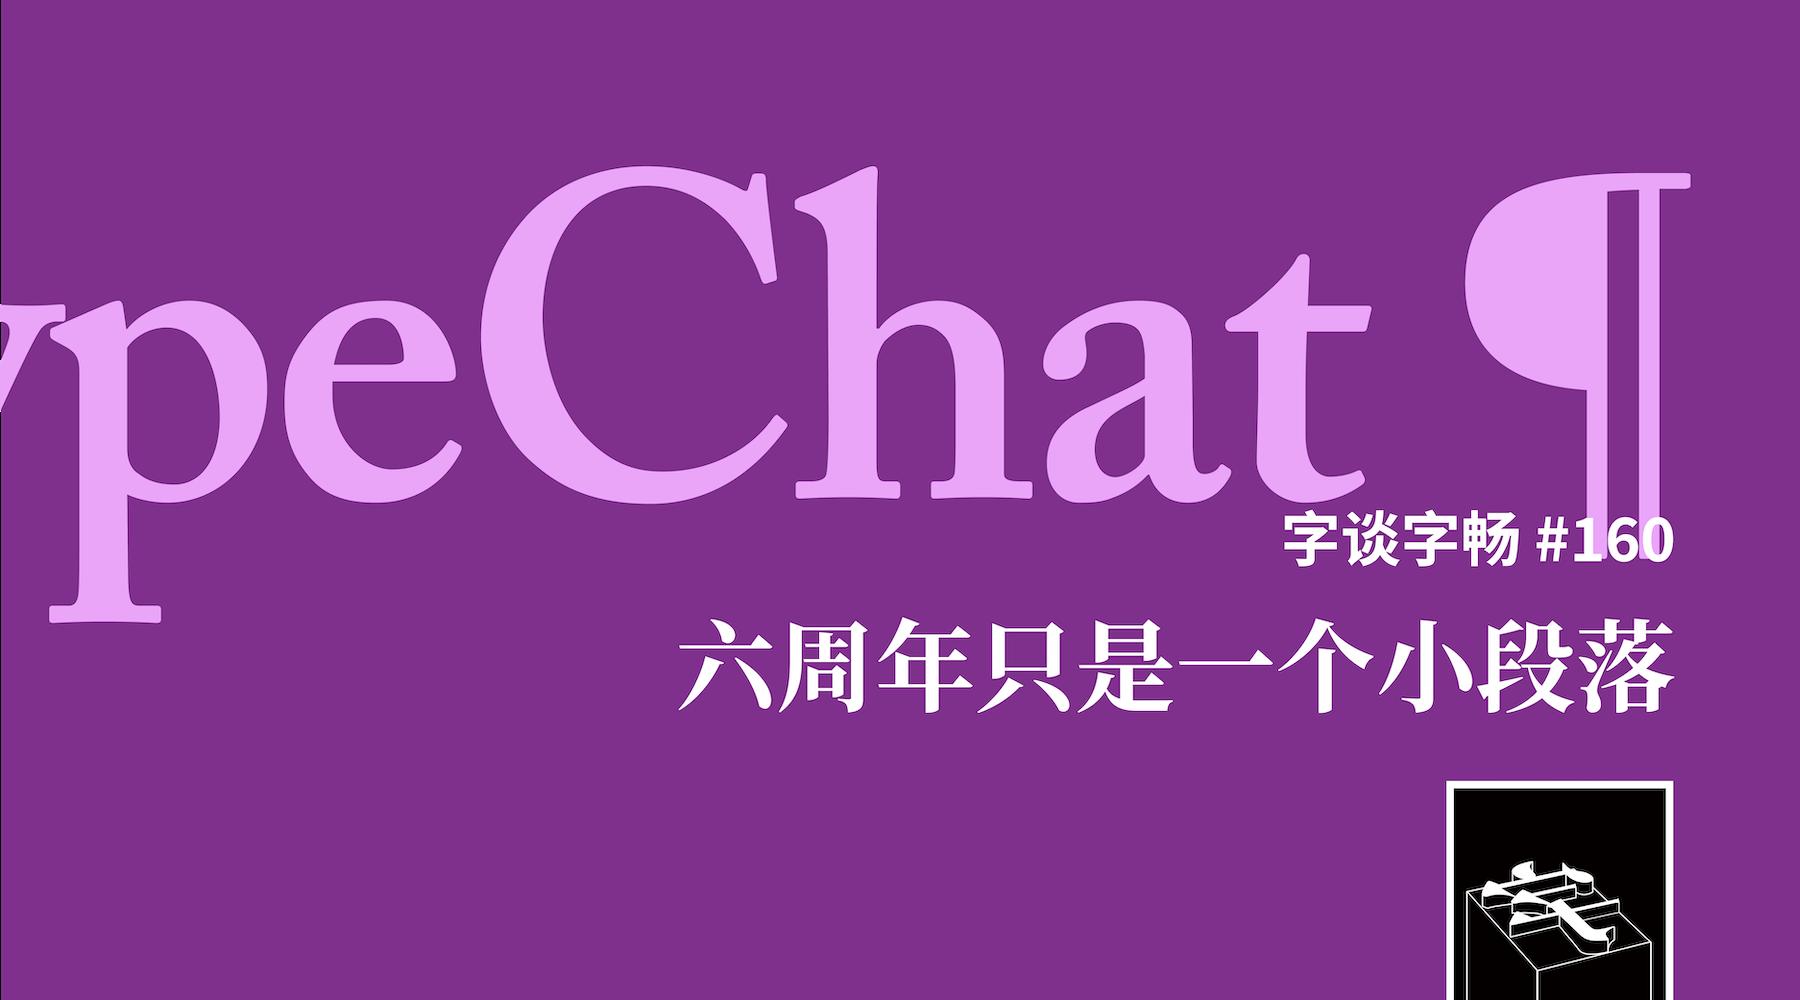 TypeChat #160